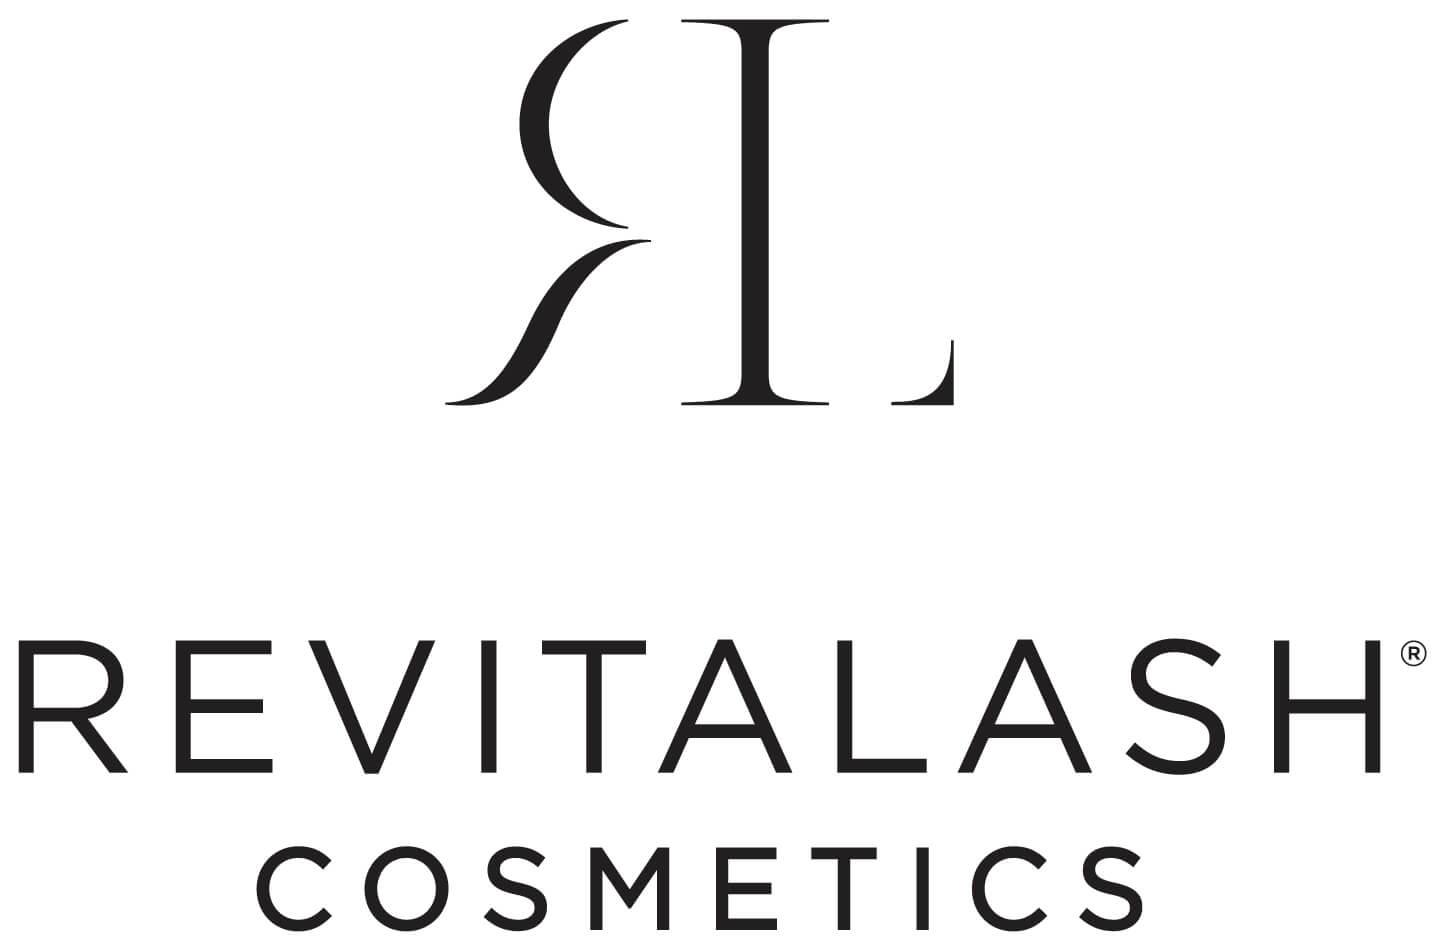 revitalash-cosmetics-logo